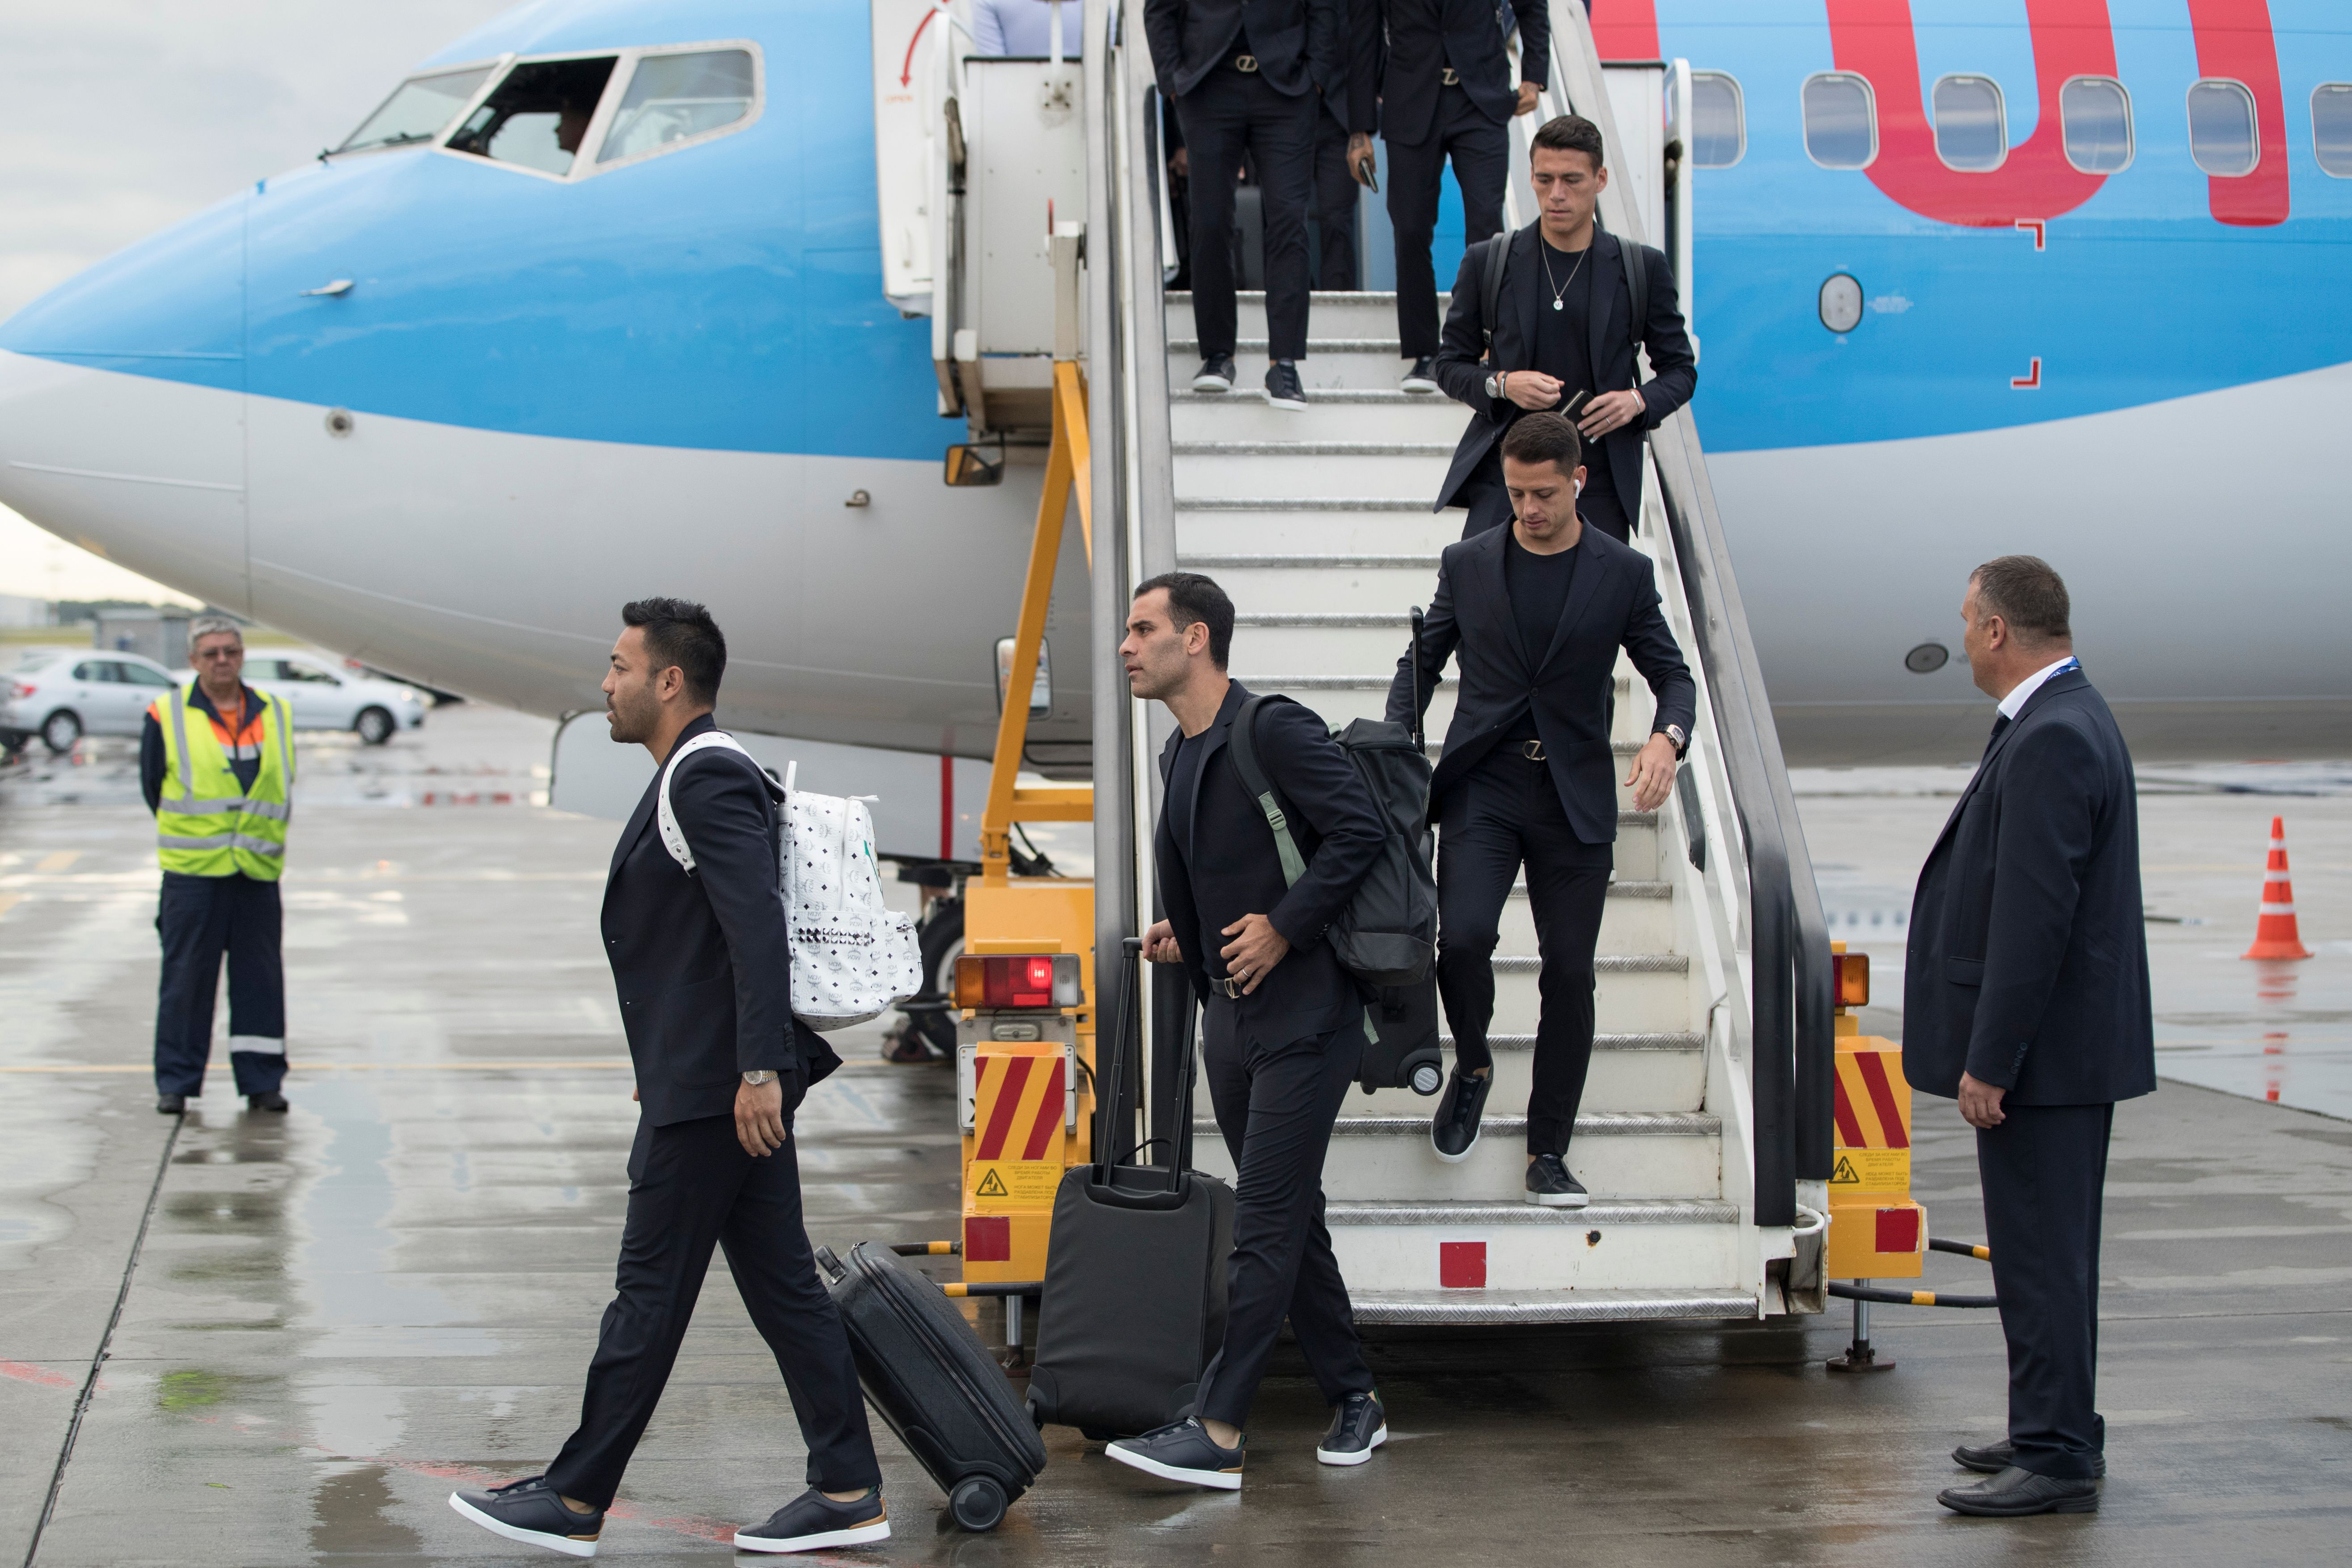 Javier Hernandez, da seleção mexicana | AP Photo (Pavel Golovkin)